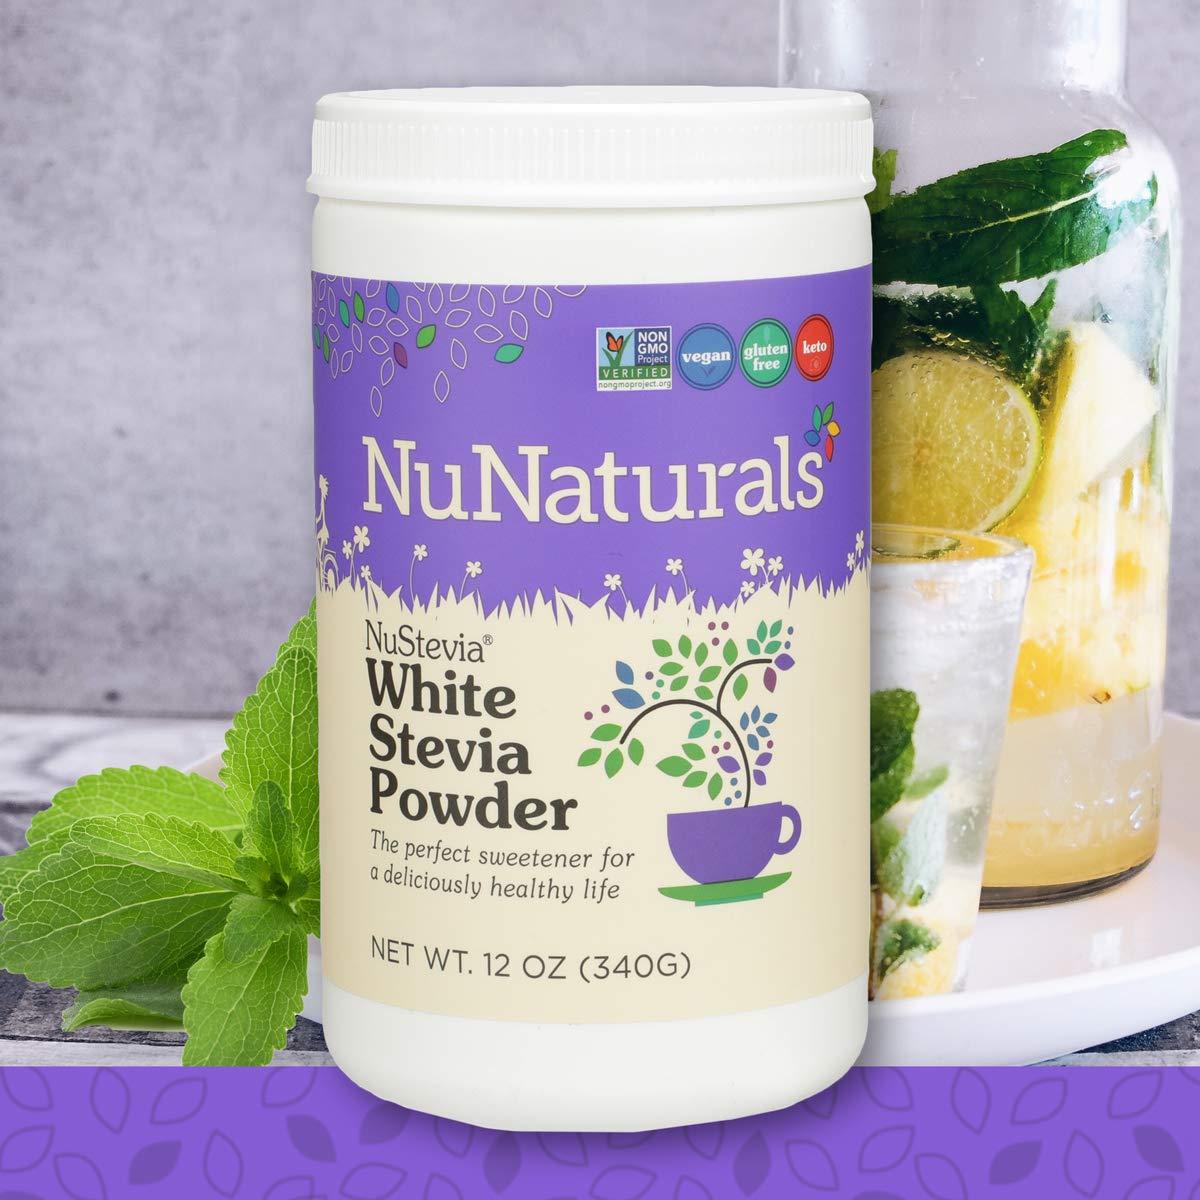 NuNaturals White Stevia Powder Natural Sweetener (12 oz)